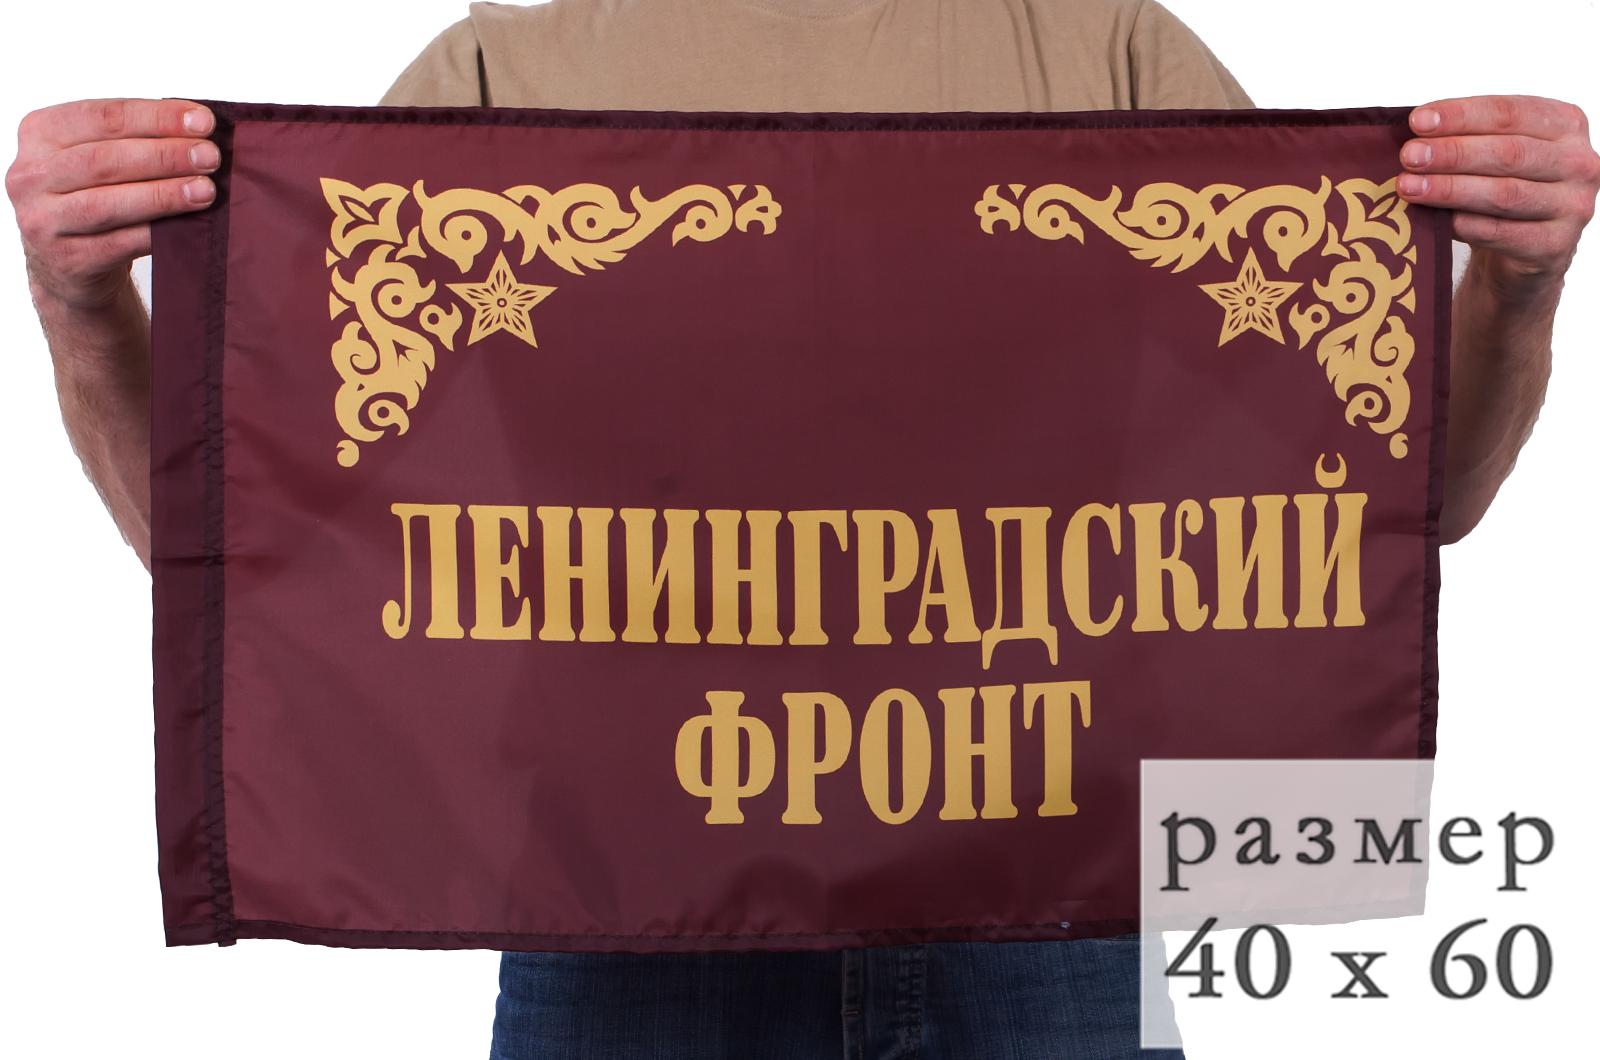 Флаг Ленинградского фронта 40x60